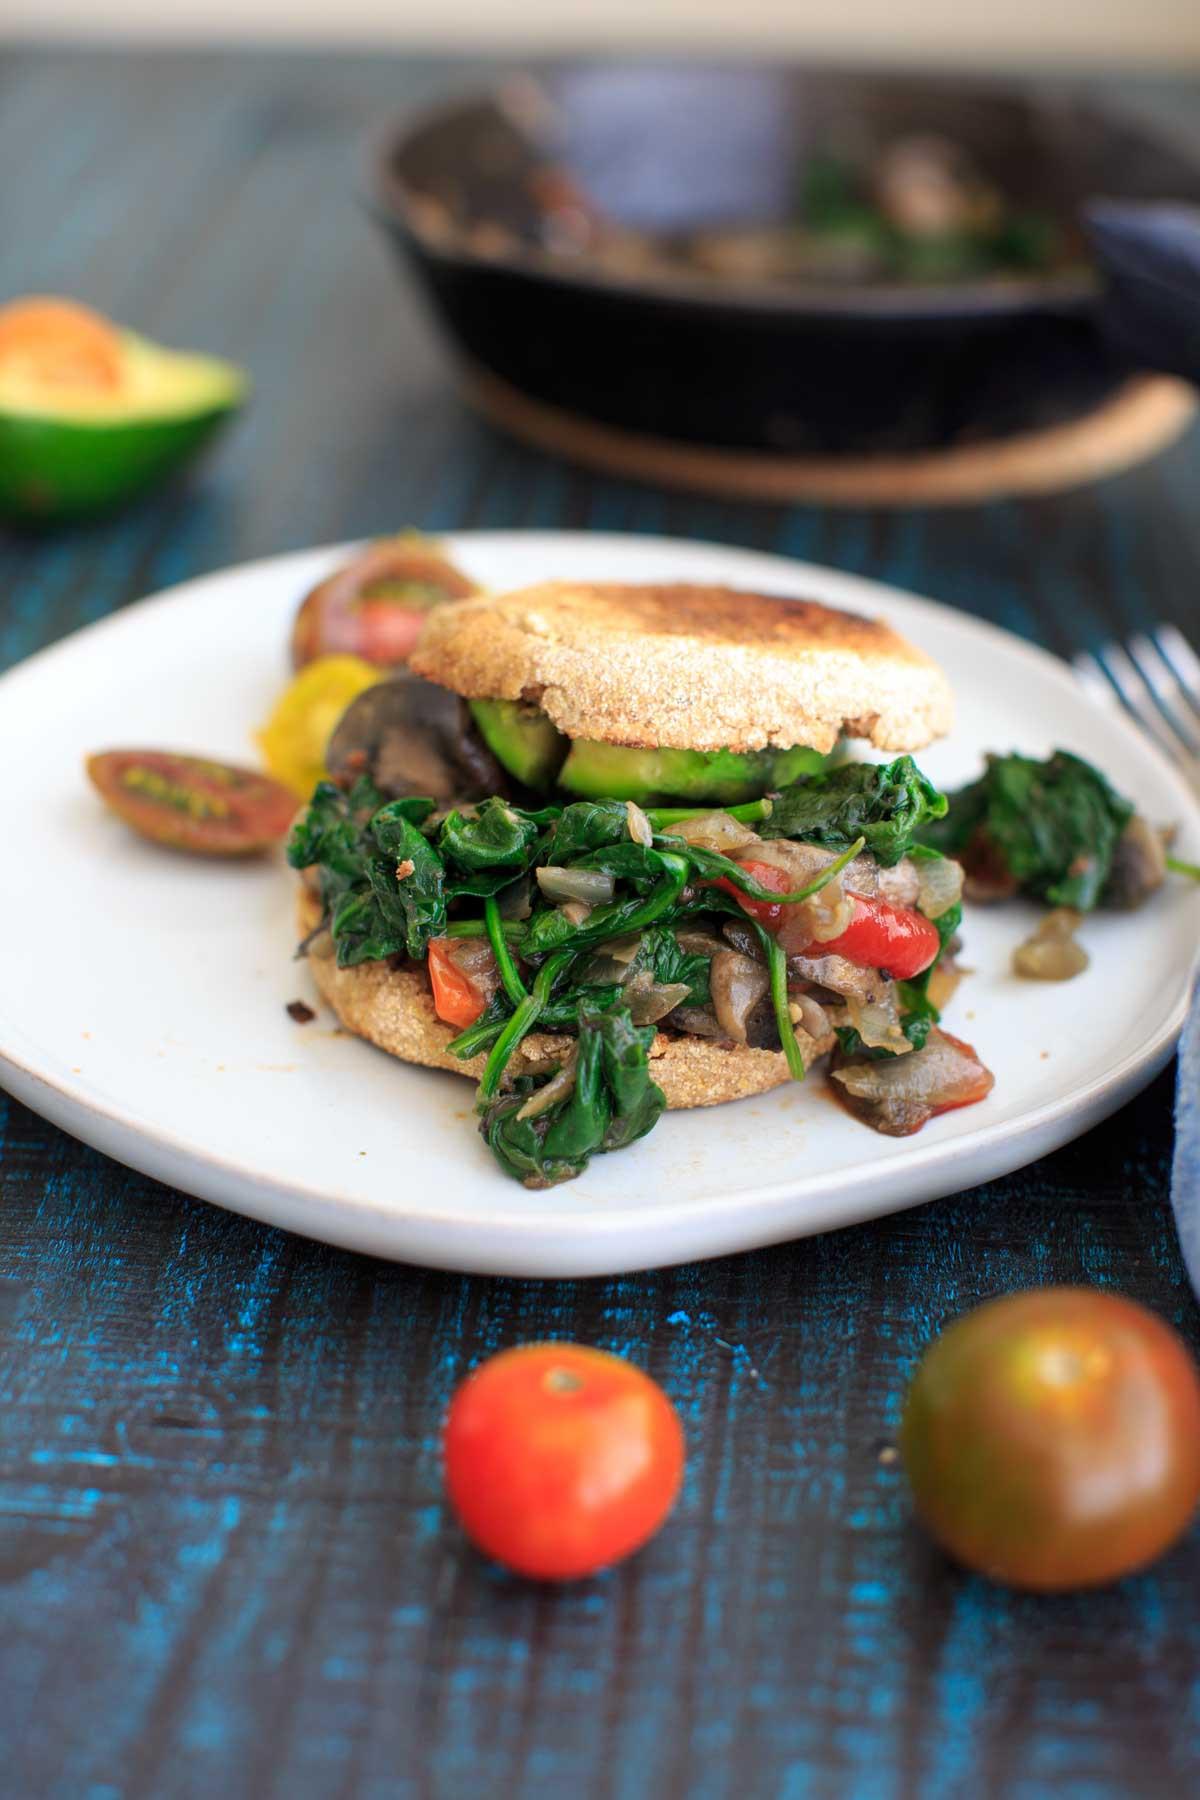 Healthy Vegan Breakfast For Weight Loss  Healthy Vegan Breakfast Ideas Fit Foo Finds